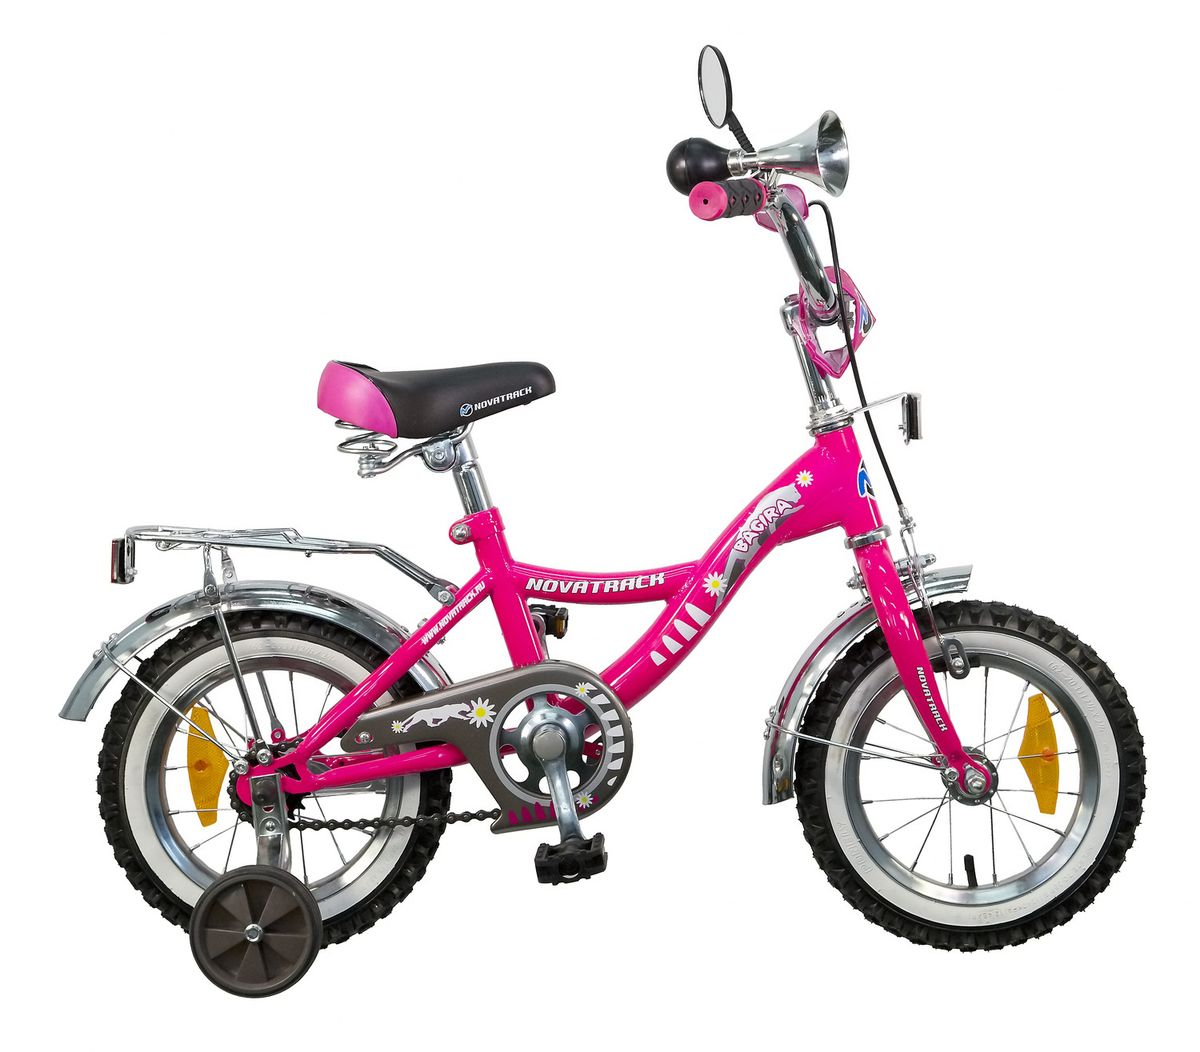 Велосипед детский Novatrack Bagira 12, цвет: розовый127BAGIRA.PN5Велосипед Novatrack Bagira 12-дюймовыми колесами – это современный, удобный и безопасный велосипед для маленьких модниц от 2 до 4 лет. Велосипед укомплектовали мягким регулируемым седлом, которое обеспечит удобную посадку во время катания. Руль велосипеда также регулируется по высоте и наклону, благодаря чему велосипед прослужит ребенку не один год. Данная модель маневренна и легка в управлении, поэтому ребенку будет просто и интересно учиться кататься на велосипеде. Для безопасности велосипед оснащен ограничителем поворота руля, который обеспечивает устойчивость во время резких поворотов, и не даст ребенку упасть с велосипеда. По бокам имеются съемные дополнительные колеса, которые нужны до тех пор, пока ребенок не почувствует себя уверенно. Быстро затормозить поможет ножной или ручной тормоз, а может и оба сразу, на усмотрение ребенка. Над колесами располагаются хромированные крылья, которые защитят от брызг и грязи. А на багажнике юная наездница сможет перевозить любимые игрушки.